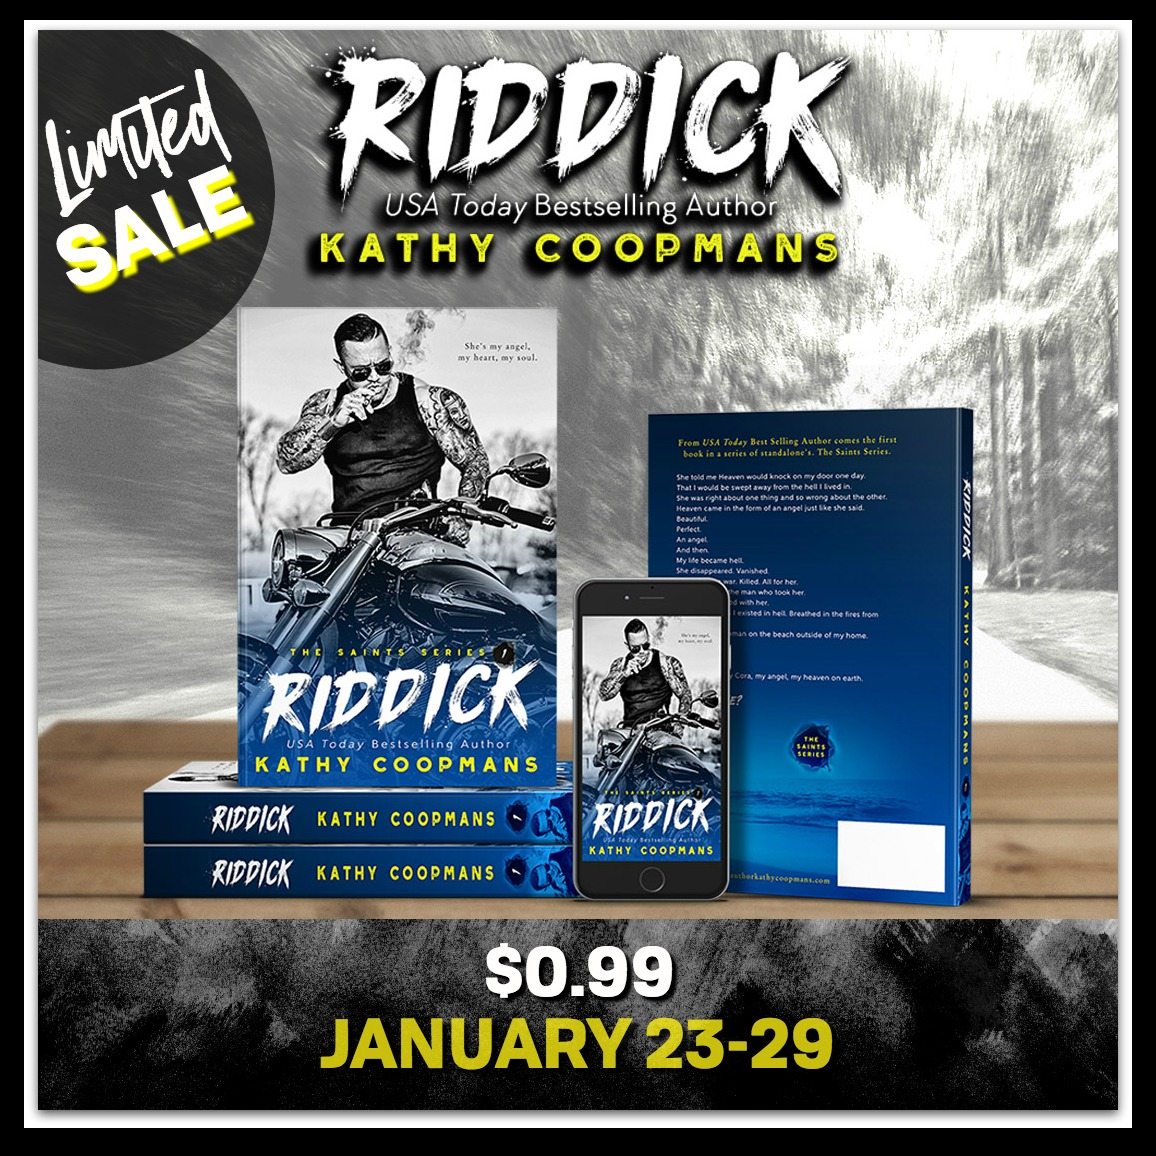 Riddick Release week price Photo IG (1).jpg